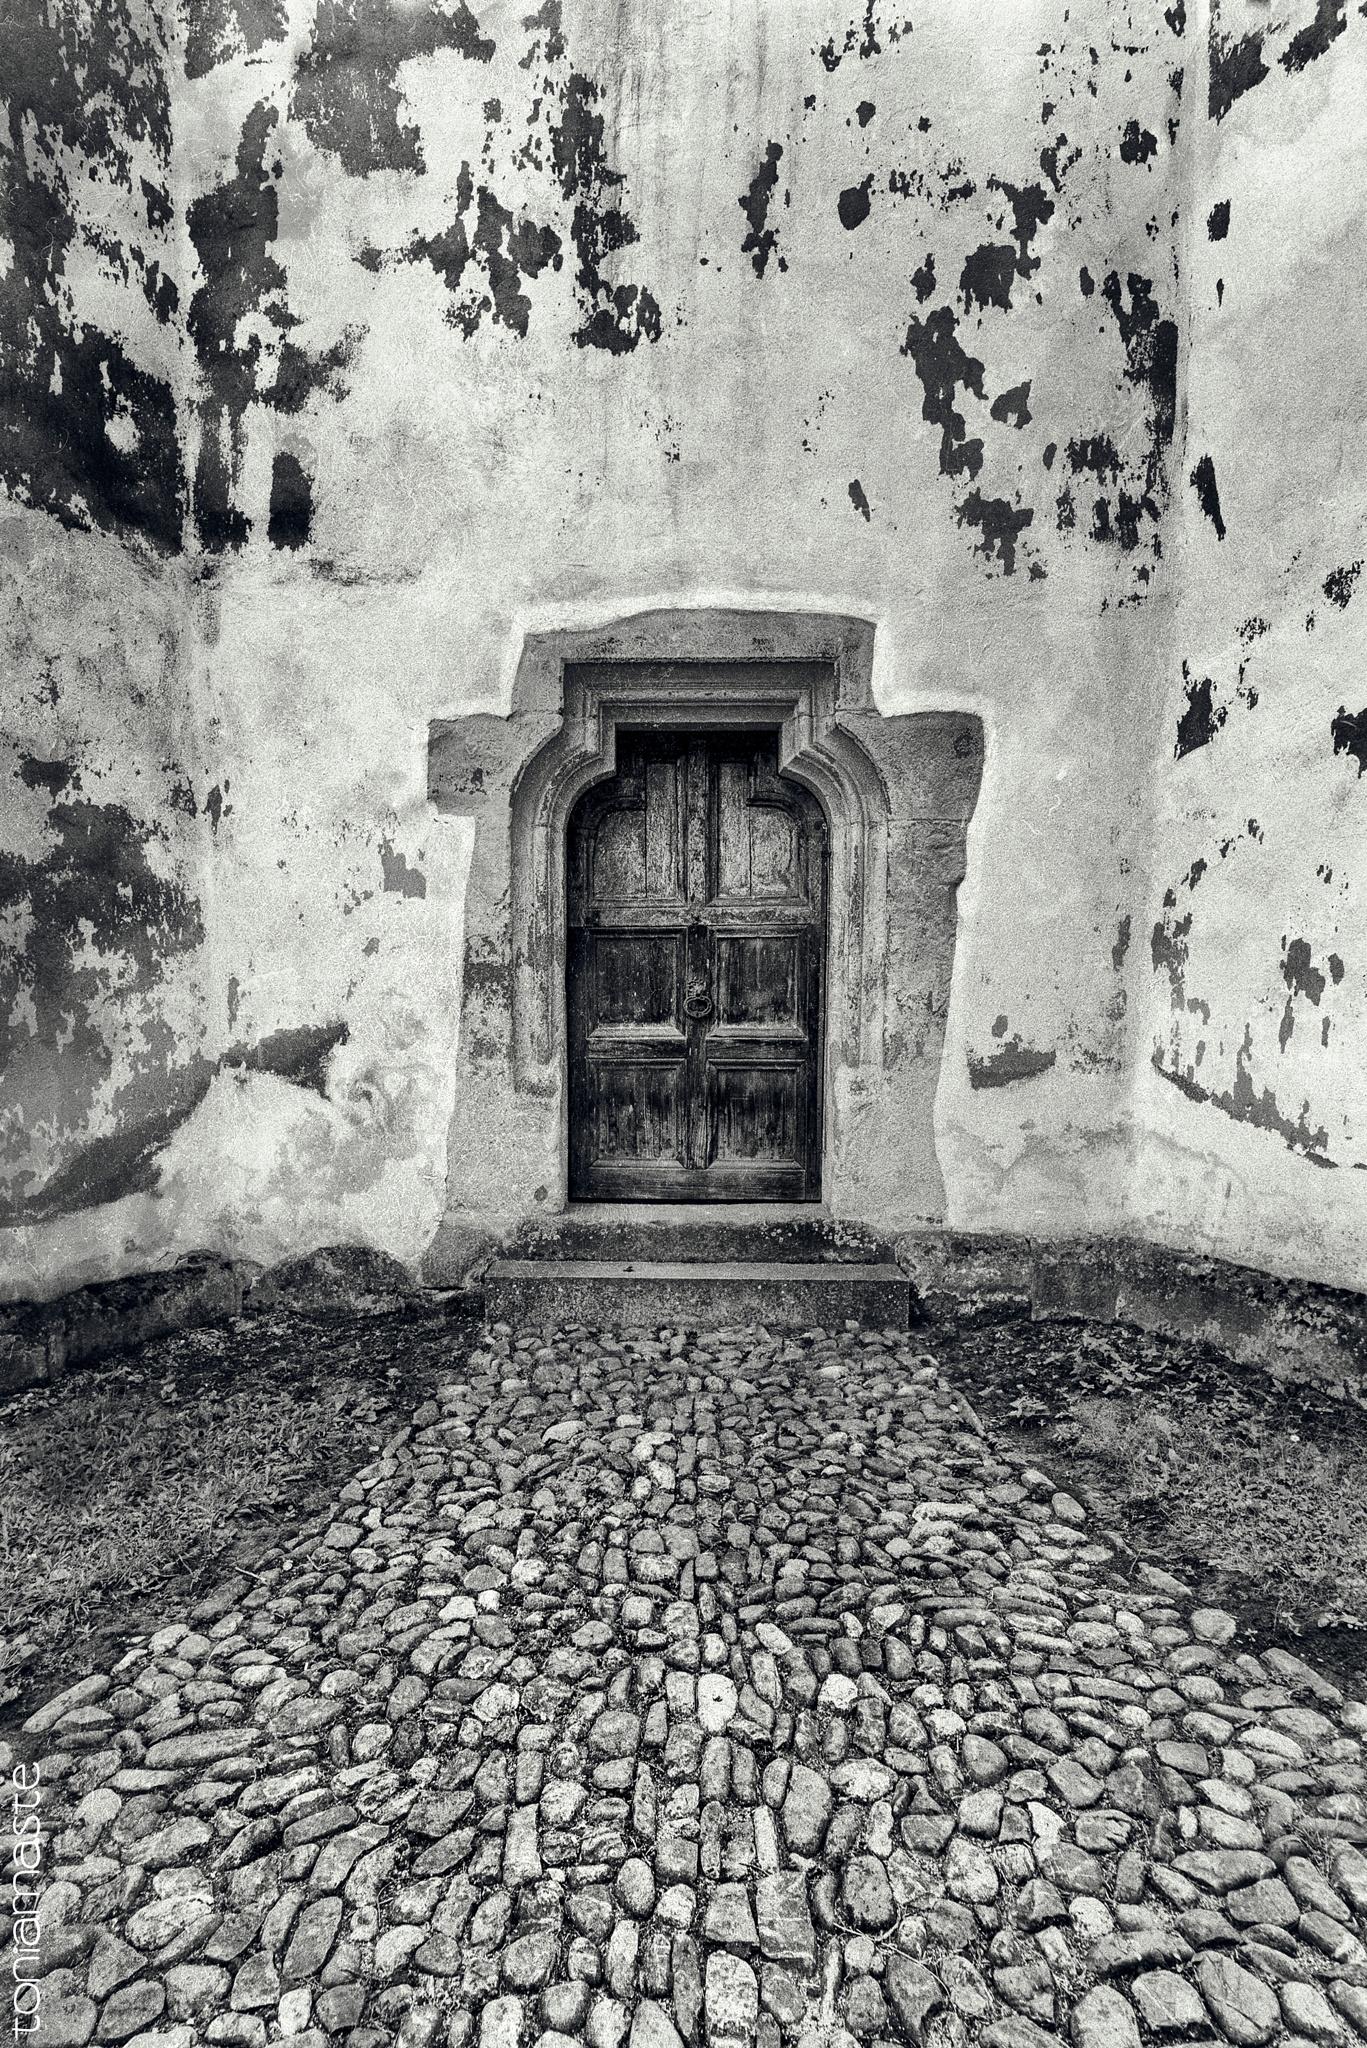 You Choose. Enter or Not.  by Toni Arnaste